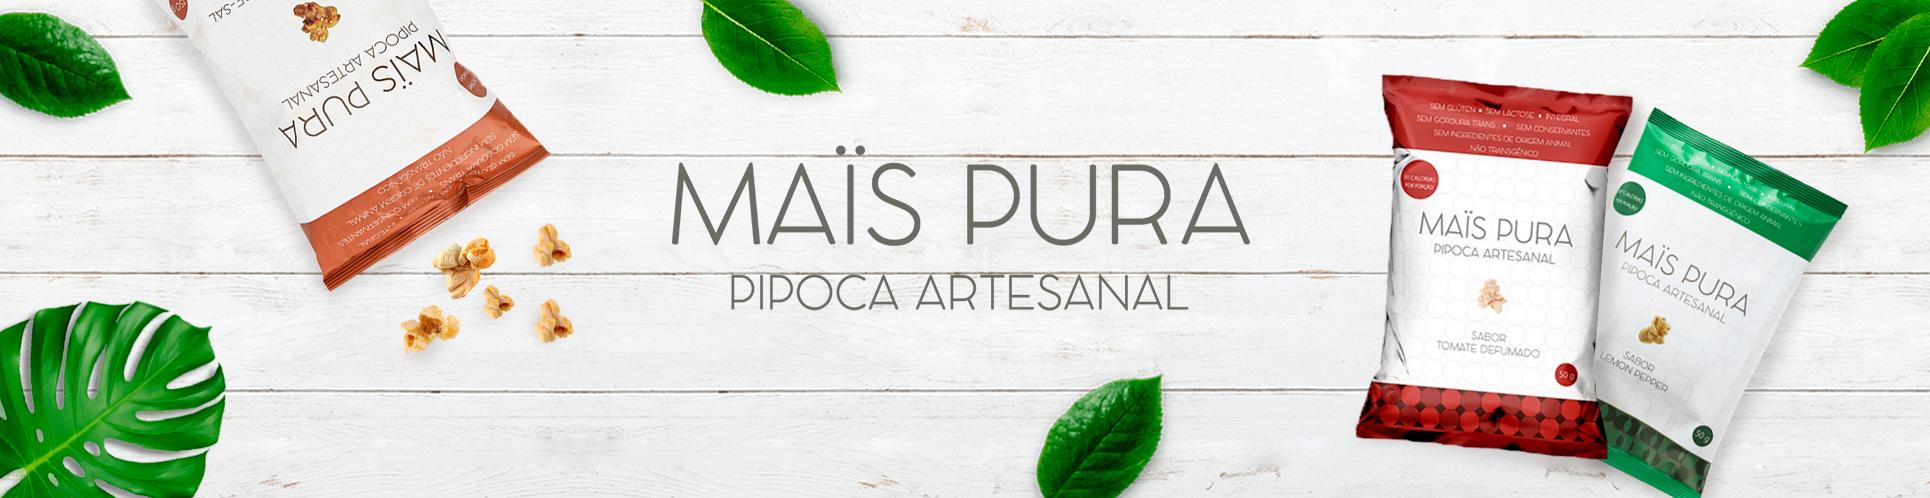 banner-vitrine_mais-pura